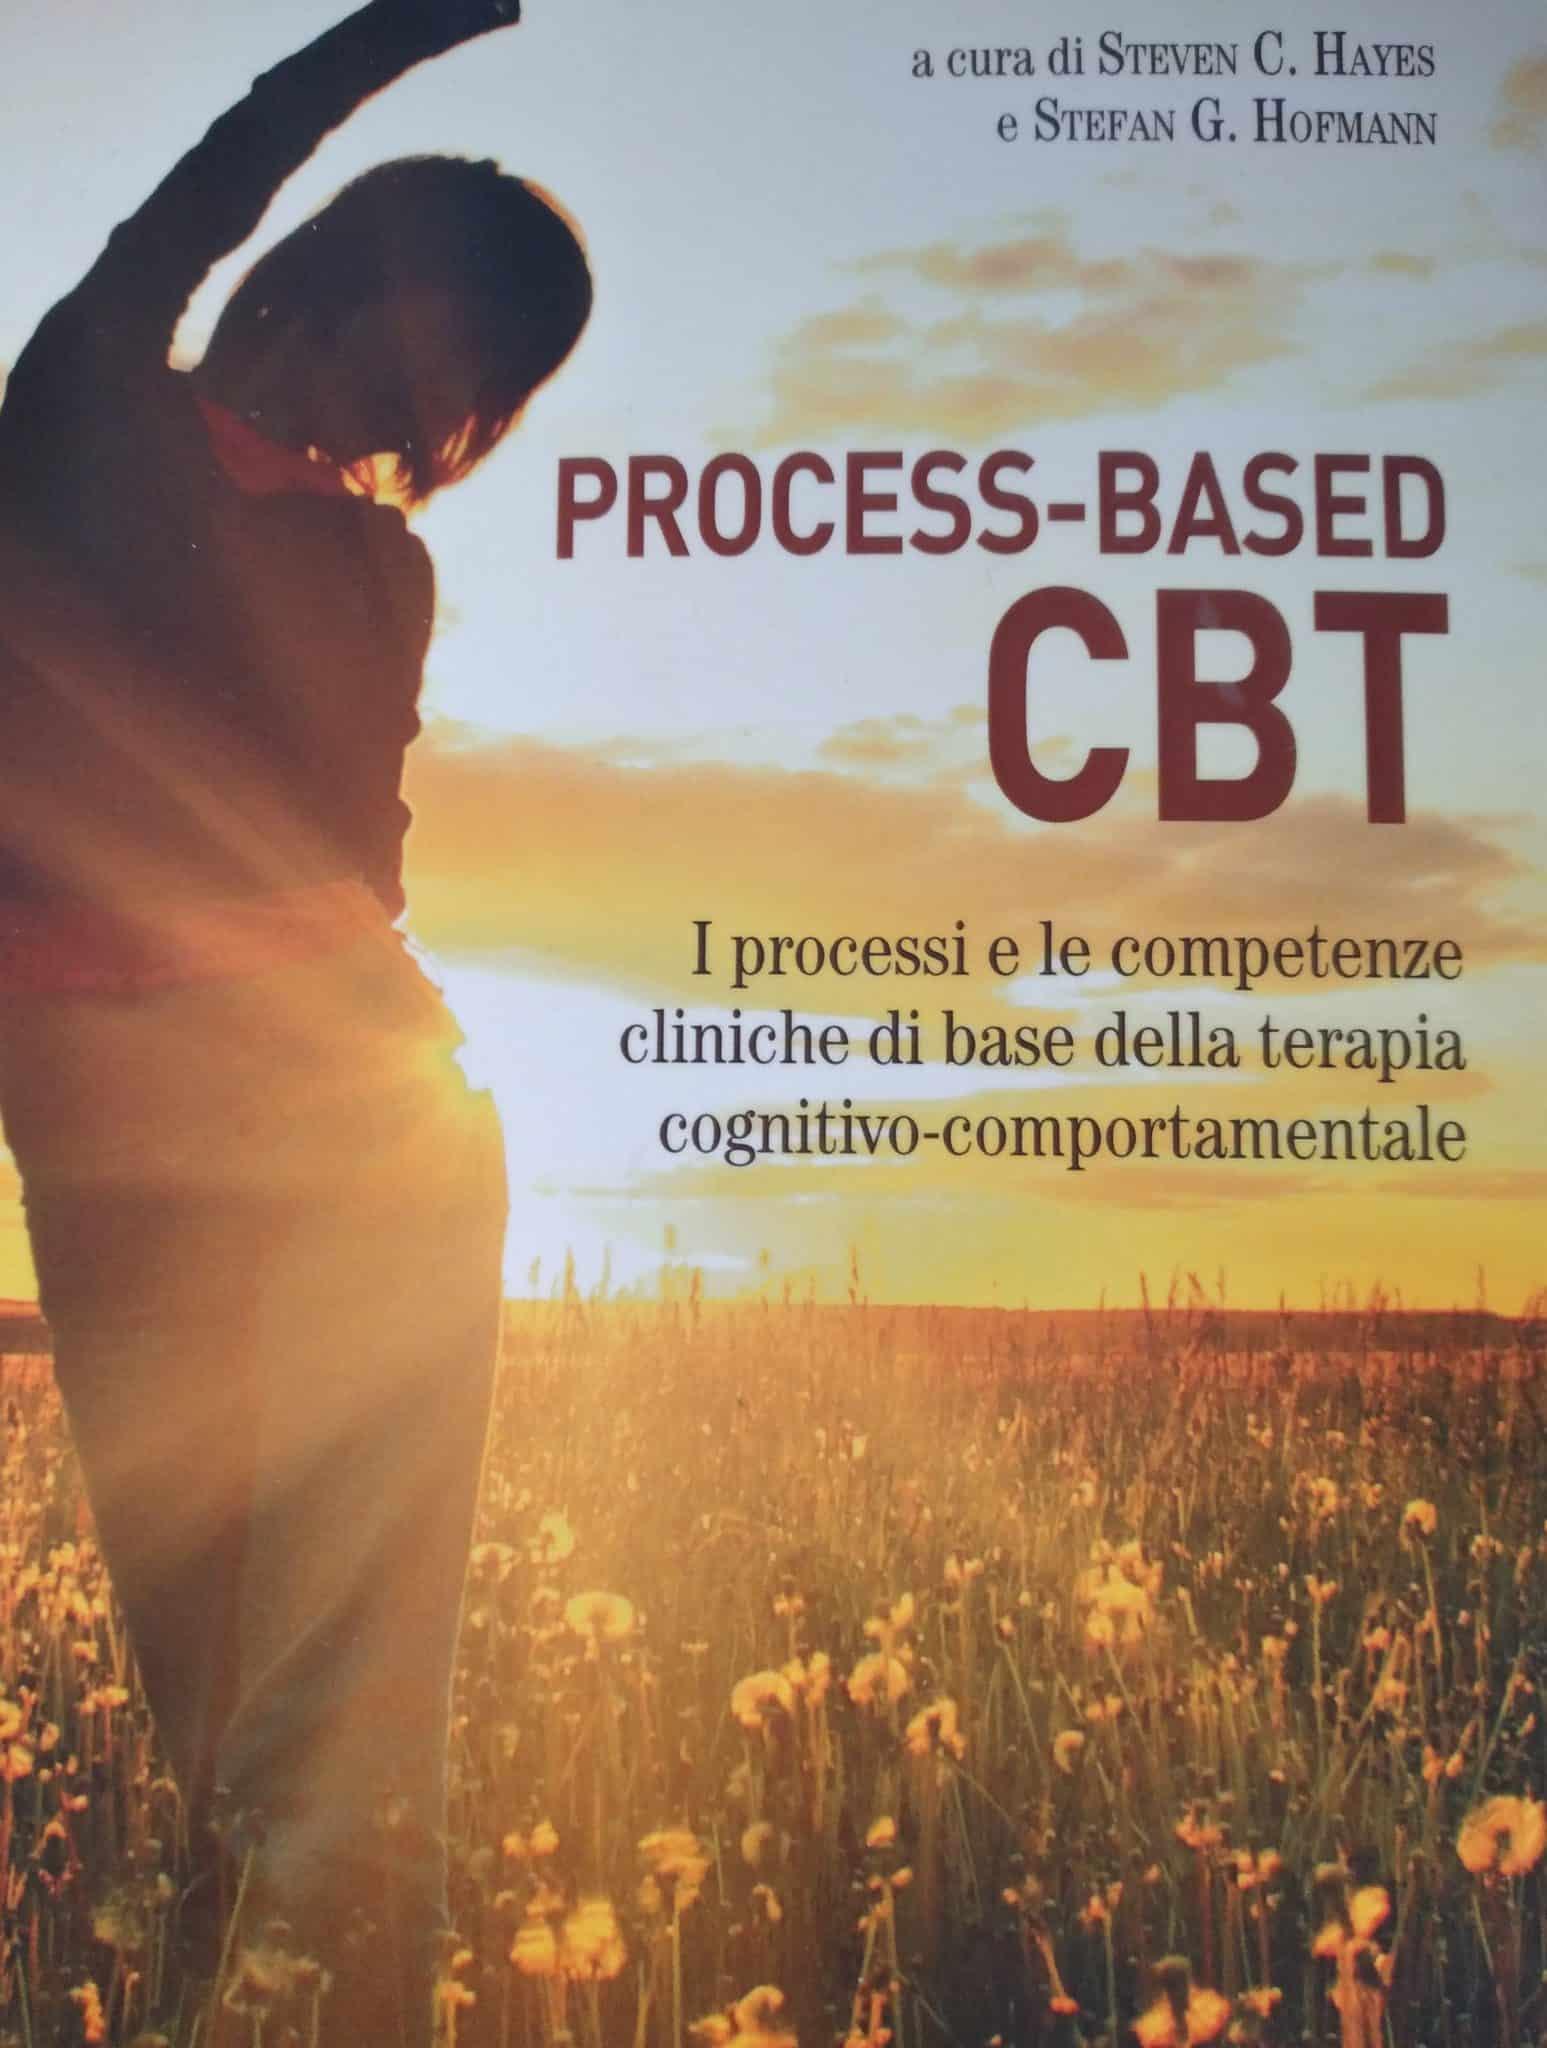 Process-based CBT. I Processi E Le Competenze Cliniche Di Base Della Terapia Cognitivo-comportamentale